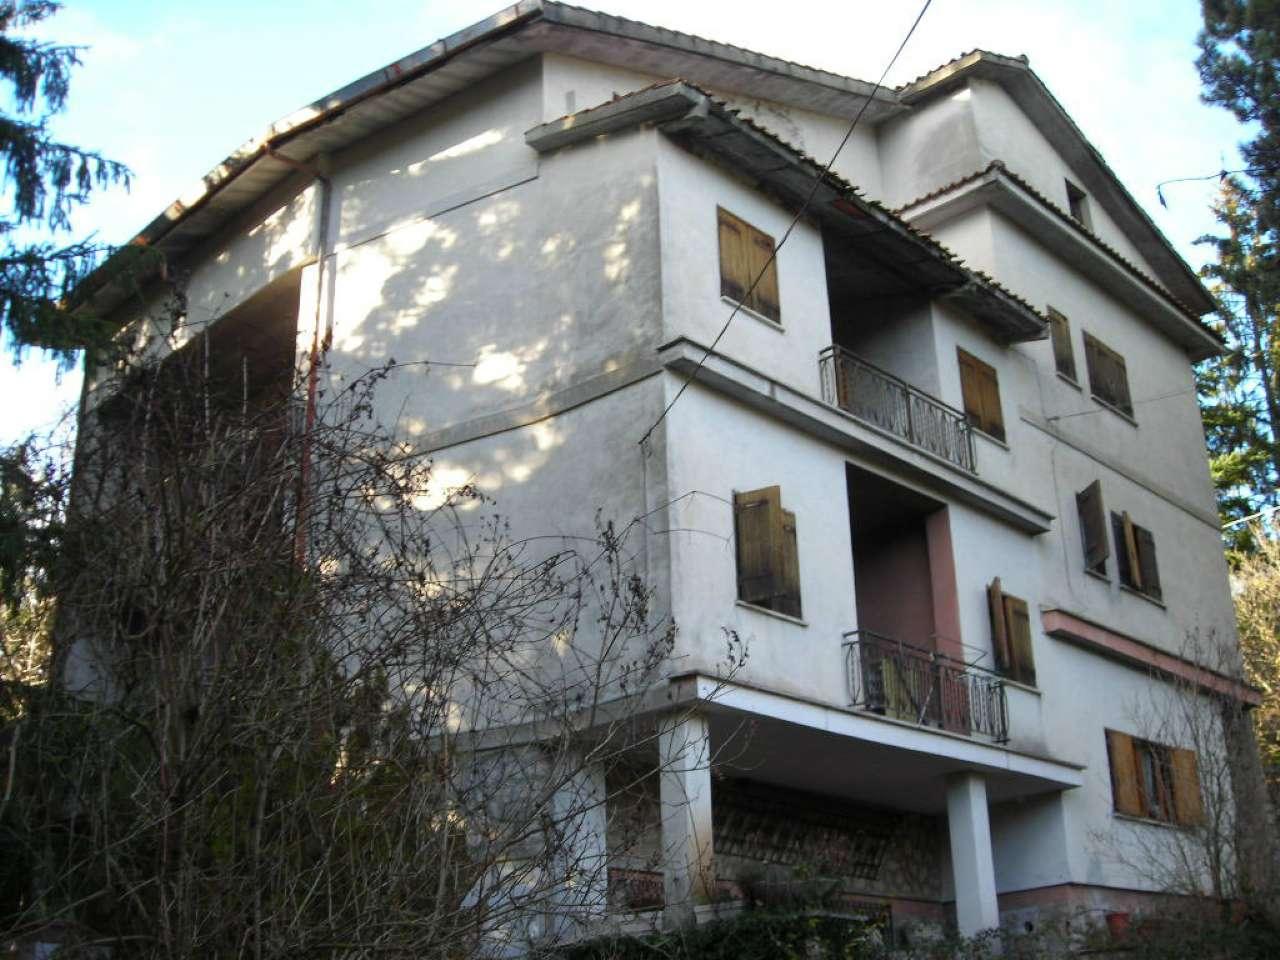 Appartamento in vendita a Trevi nel Lazio, 4 locali, prezzo € 32.500   CambioCasa.it